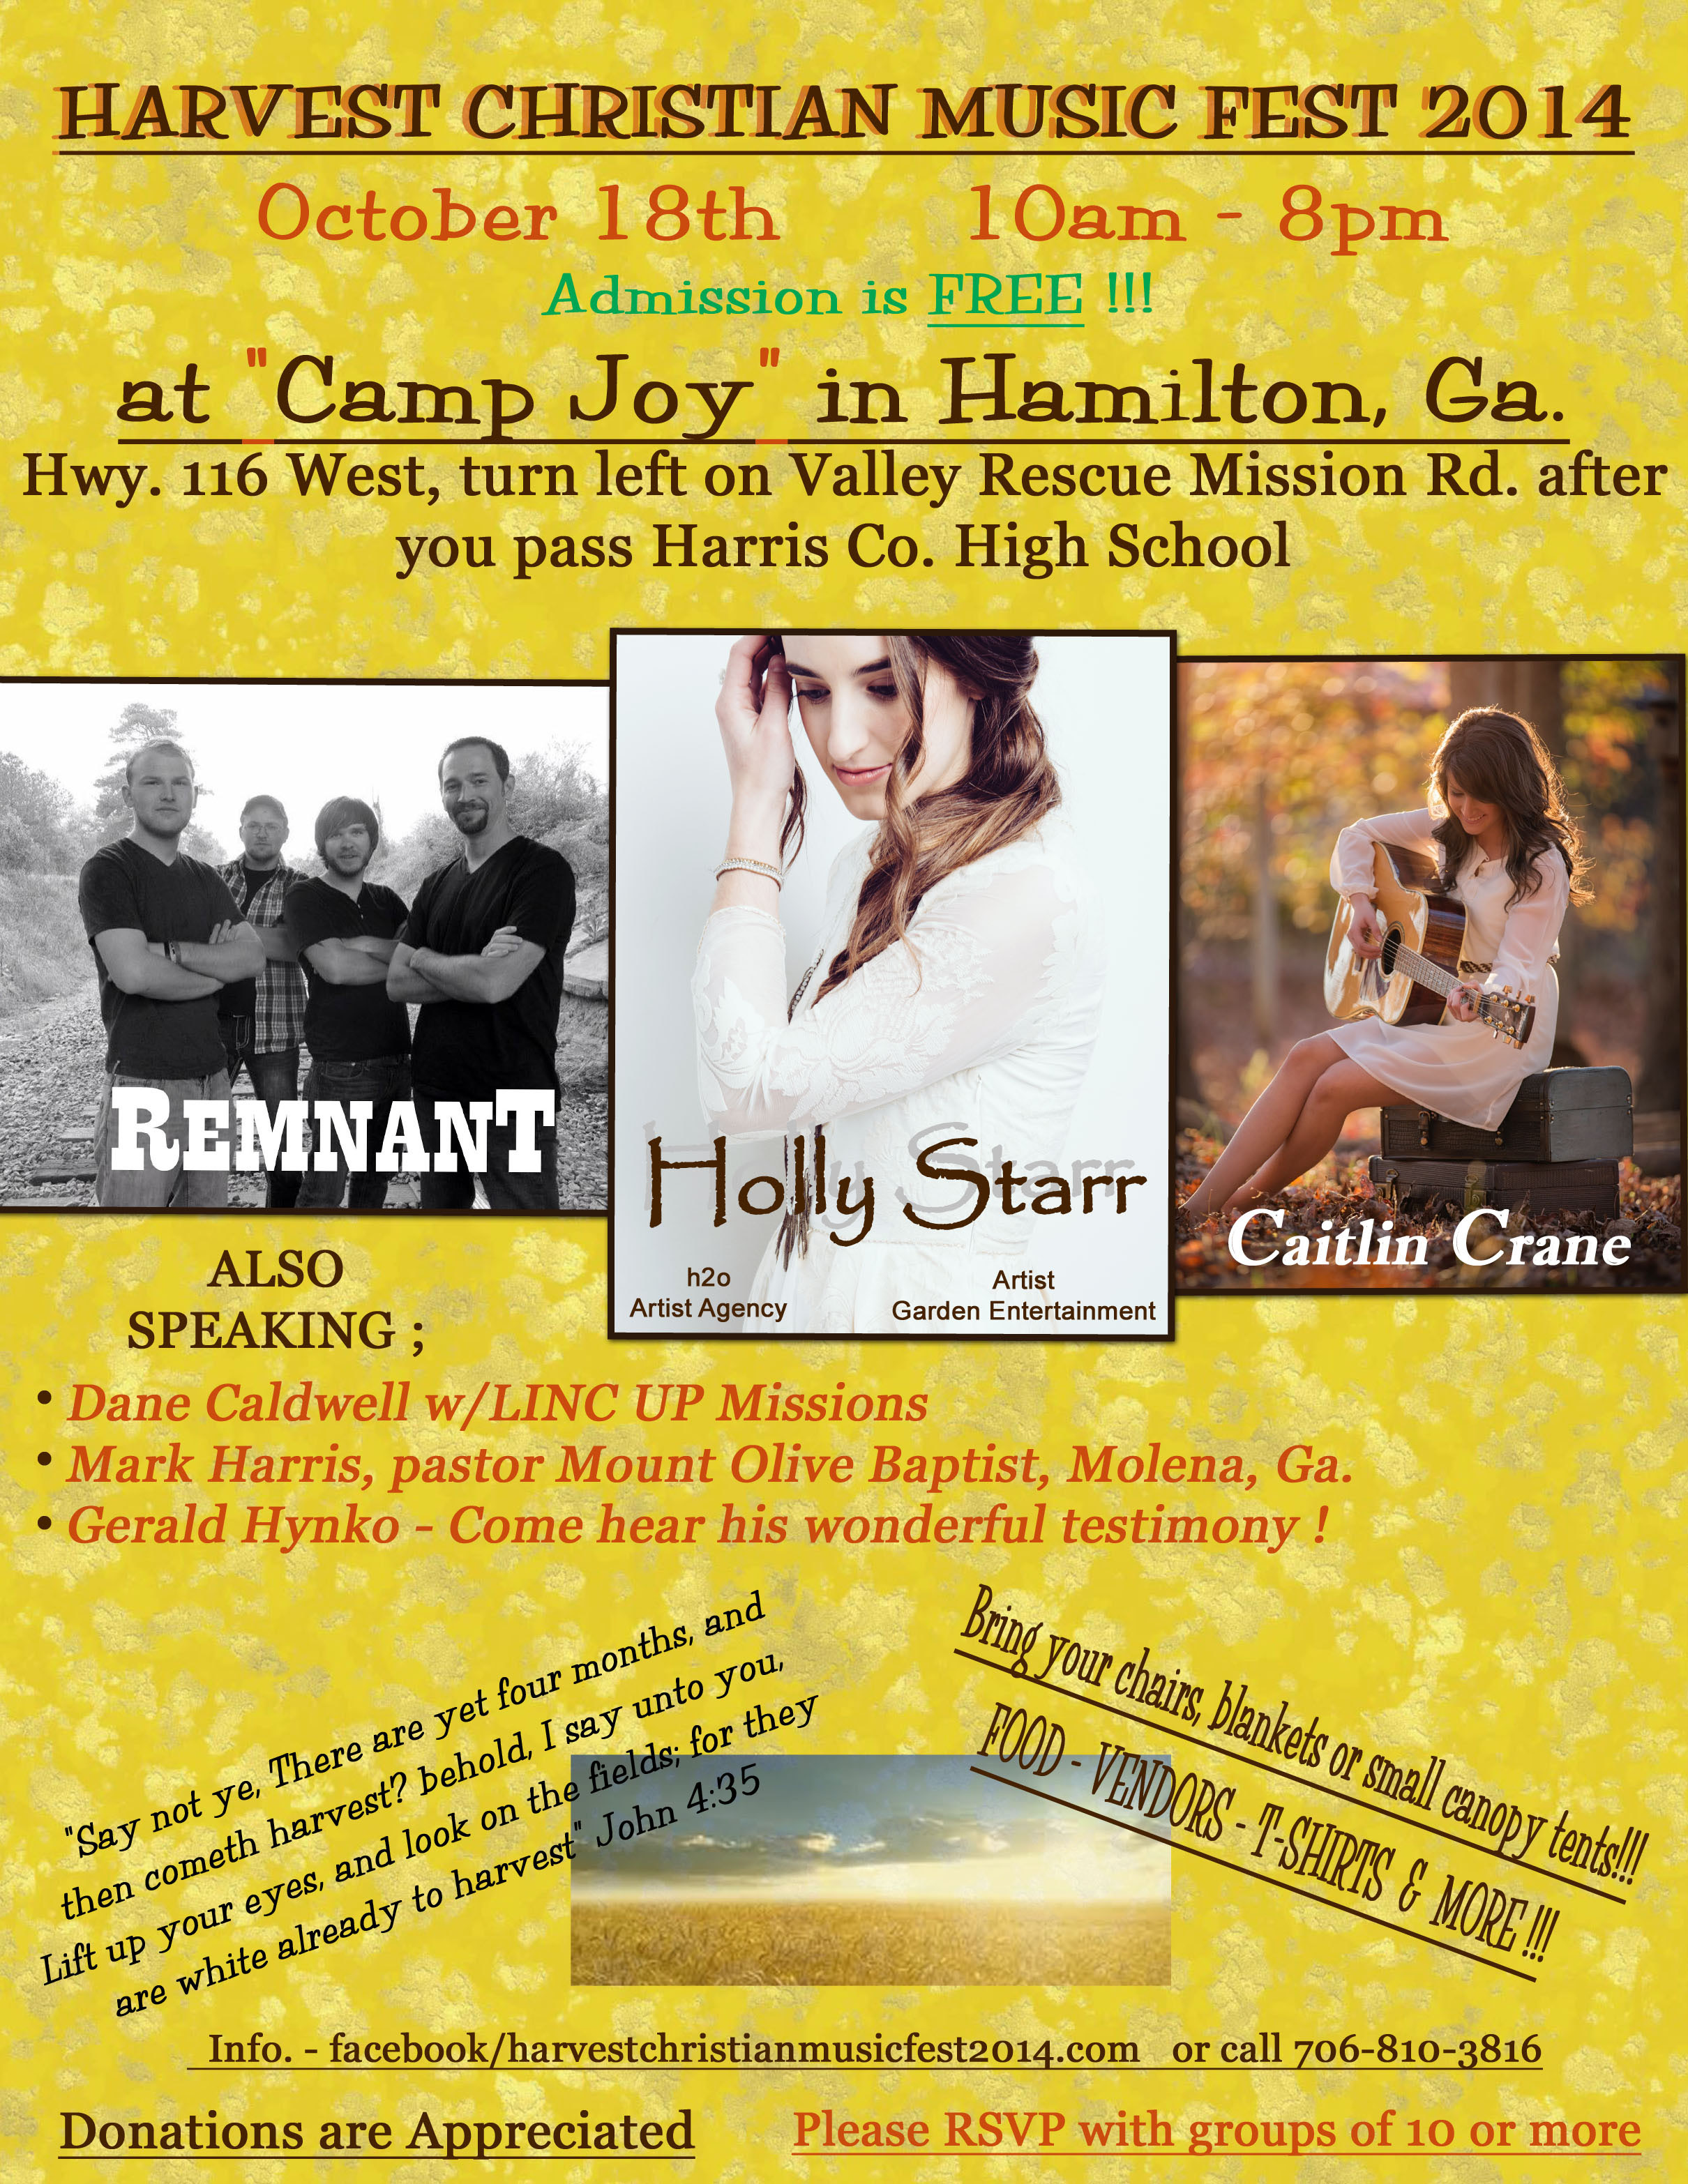 (Hamilton, GA) Harvest Christian Music Fest 2014